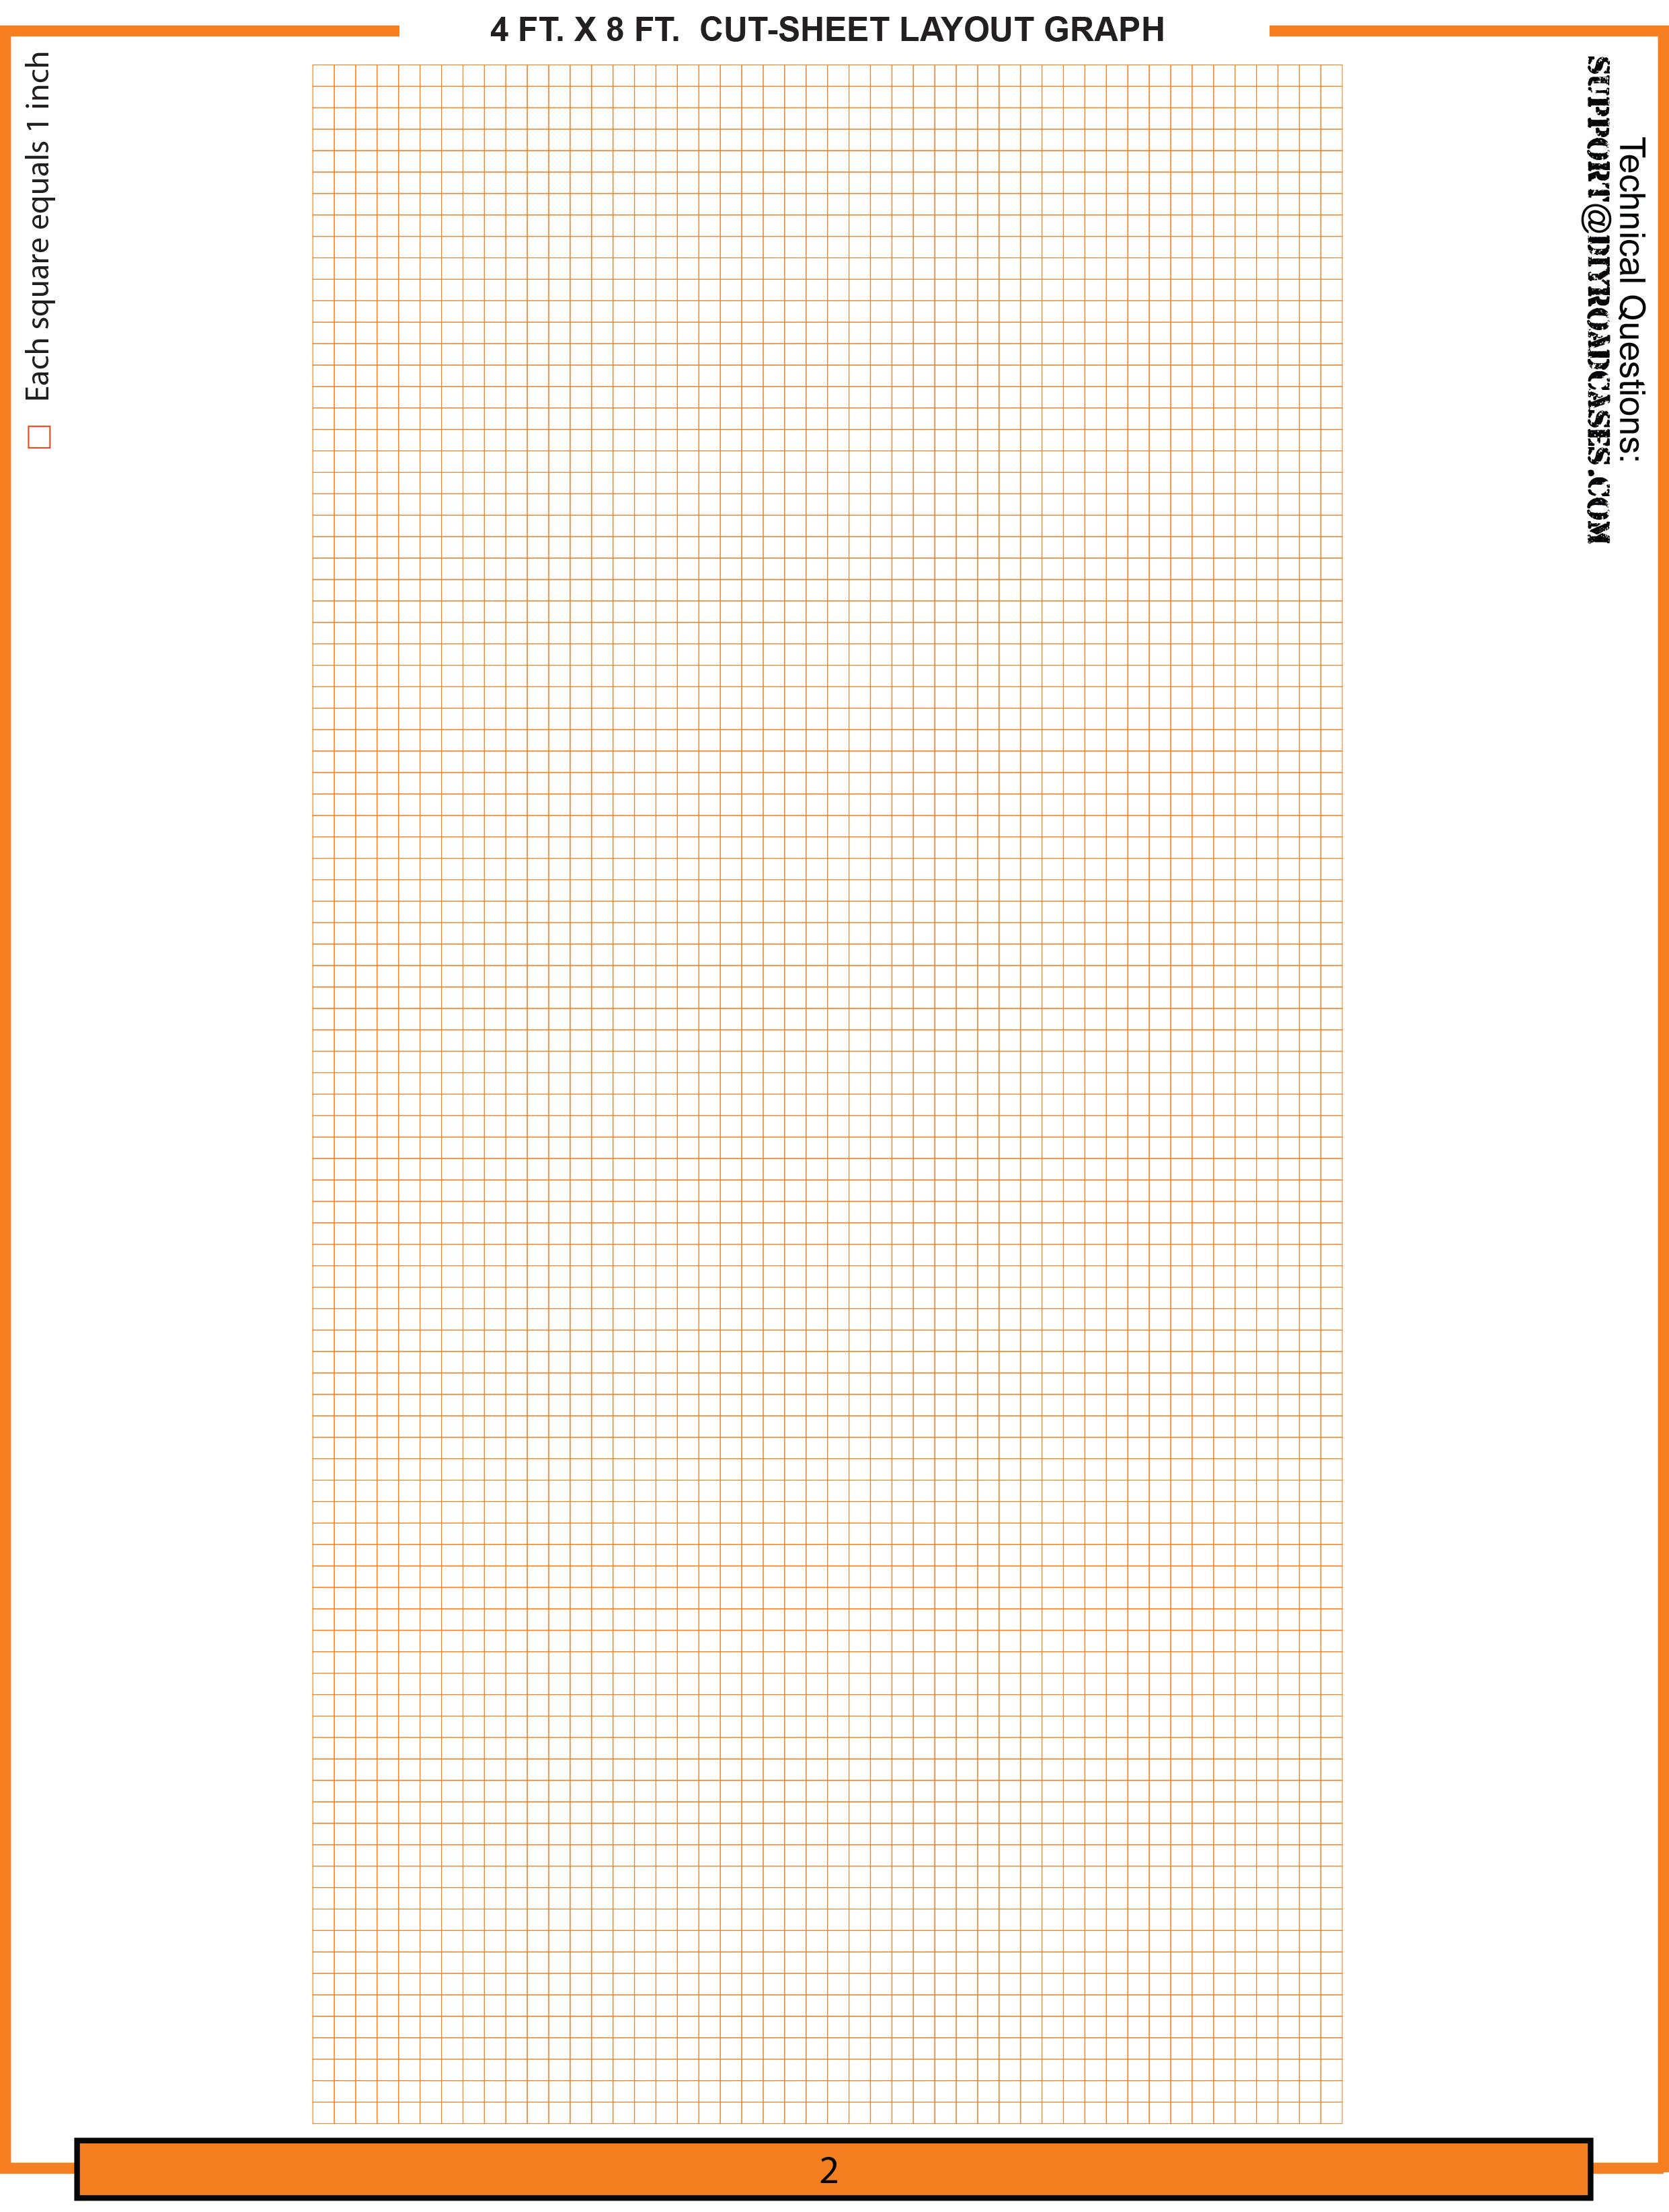 4-ft.-x-8-ft.-cut-sheet-layout-graph.jpg